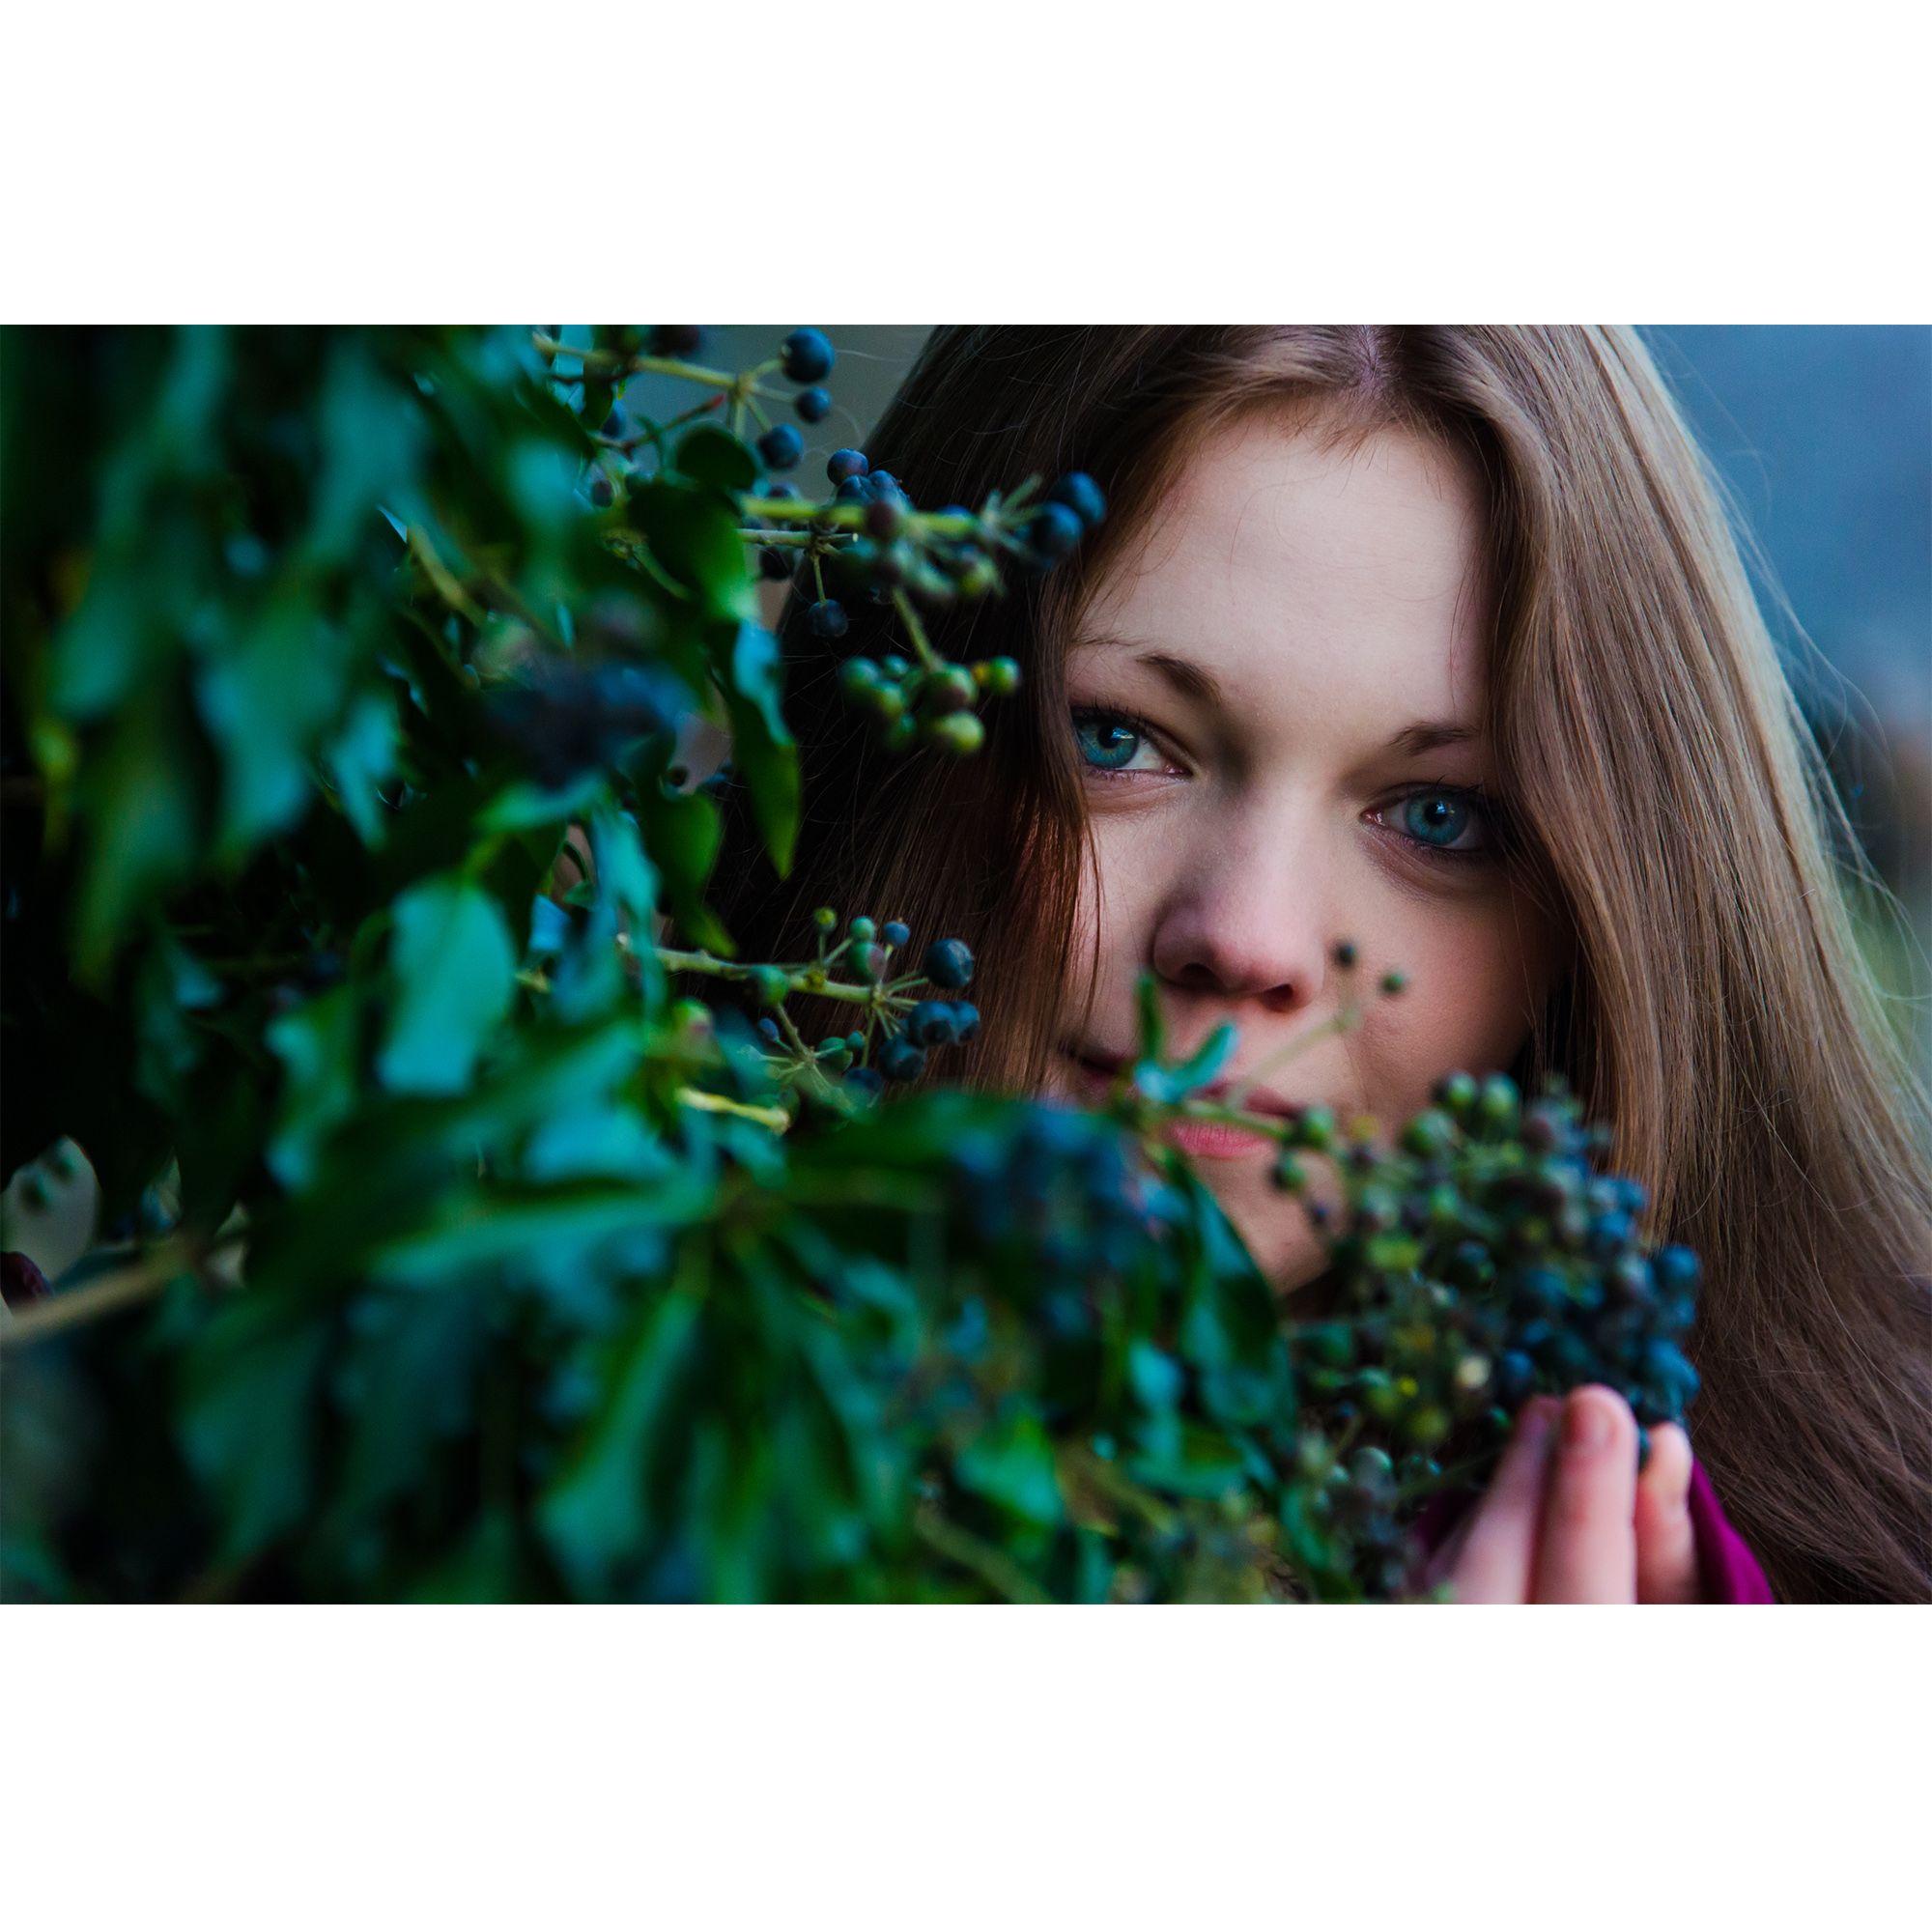 Eines meiner Lieblingsbilder, das es auch zum Banner auf meiner Homepage gebracht hat :) Danke an die liebe Kira ! :)